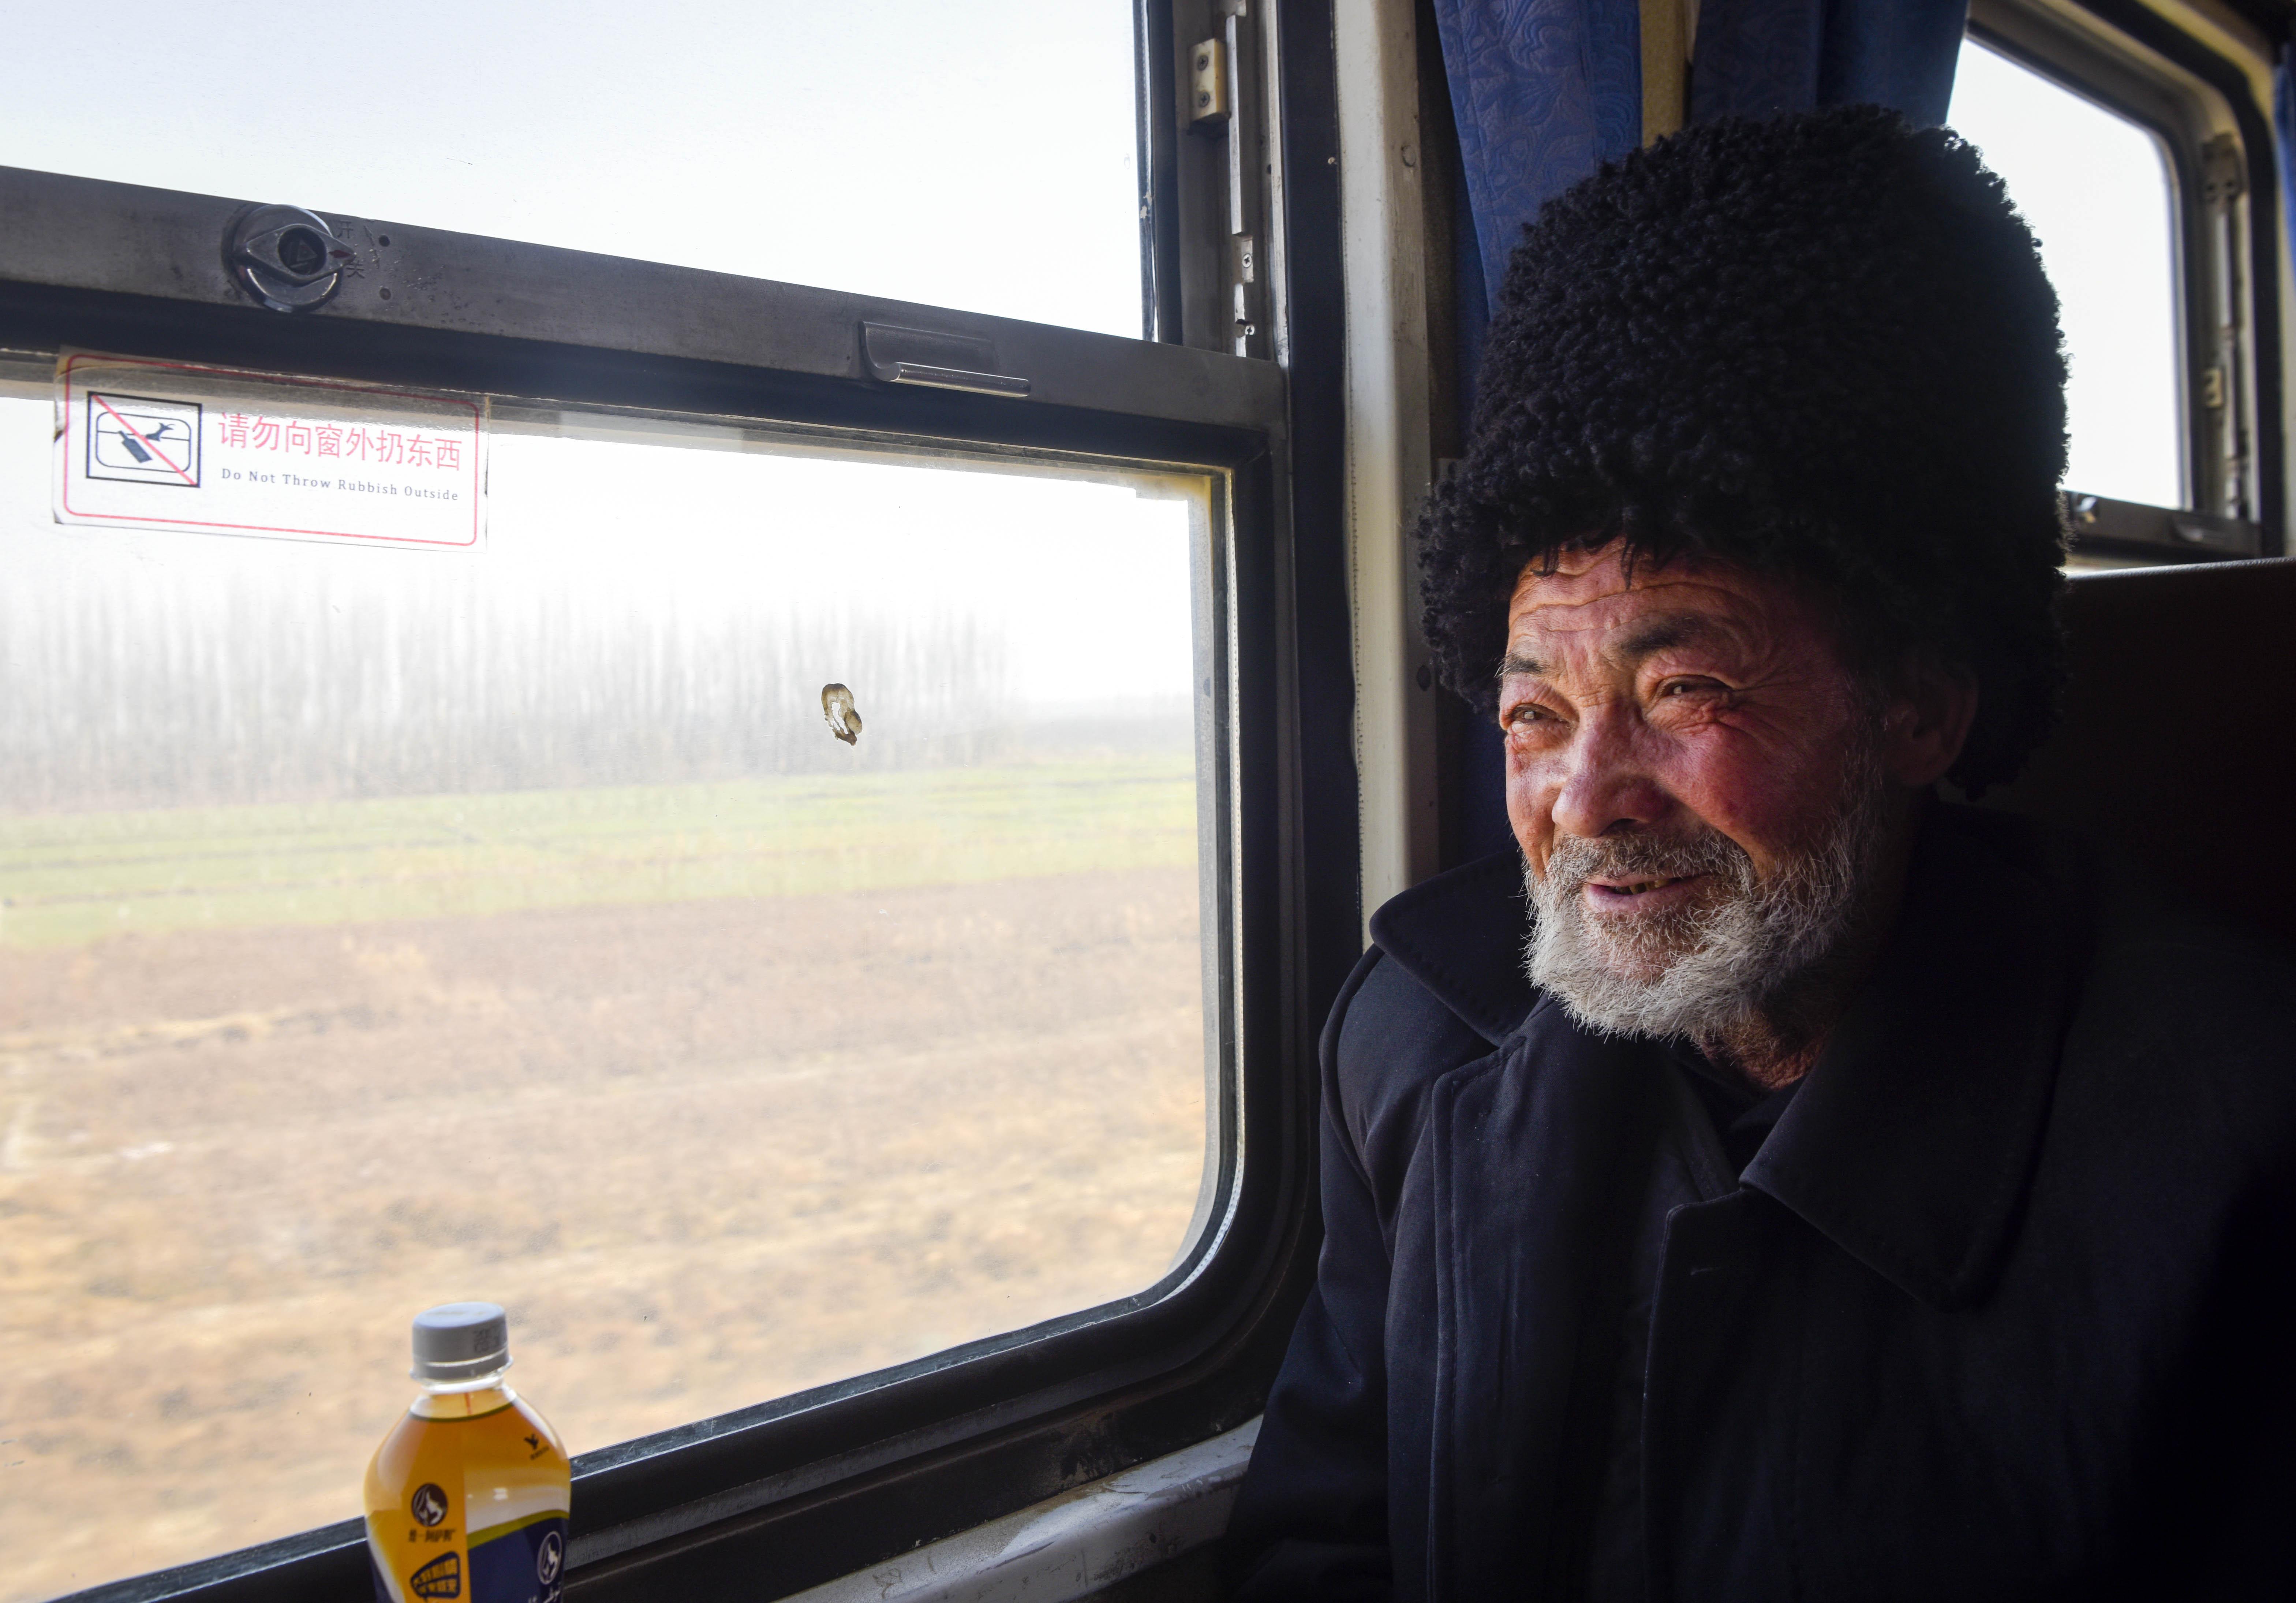 家住和田地区皮山县的买买提·阿皮孜坐在由和田开往喀什的5810次列车上(11月25日摄)。今年77岁的他是第一次坐火车,他准备去喀什地区泽普县探亲。